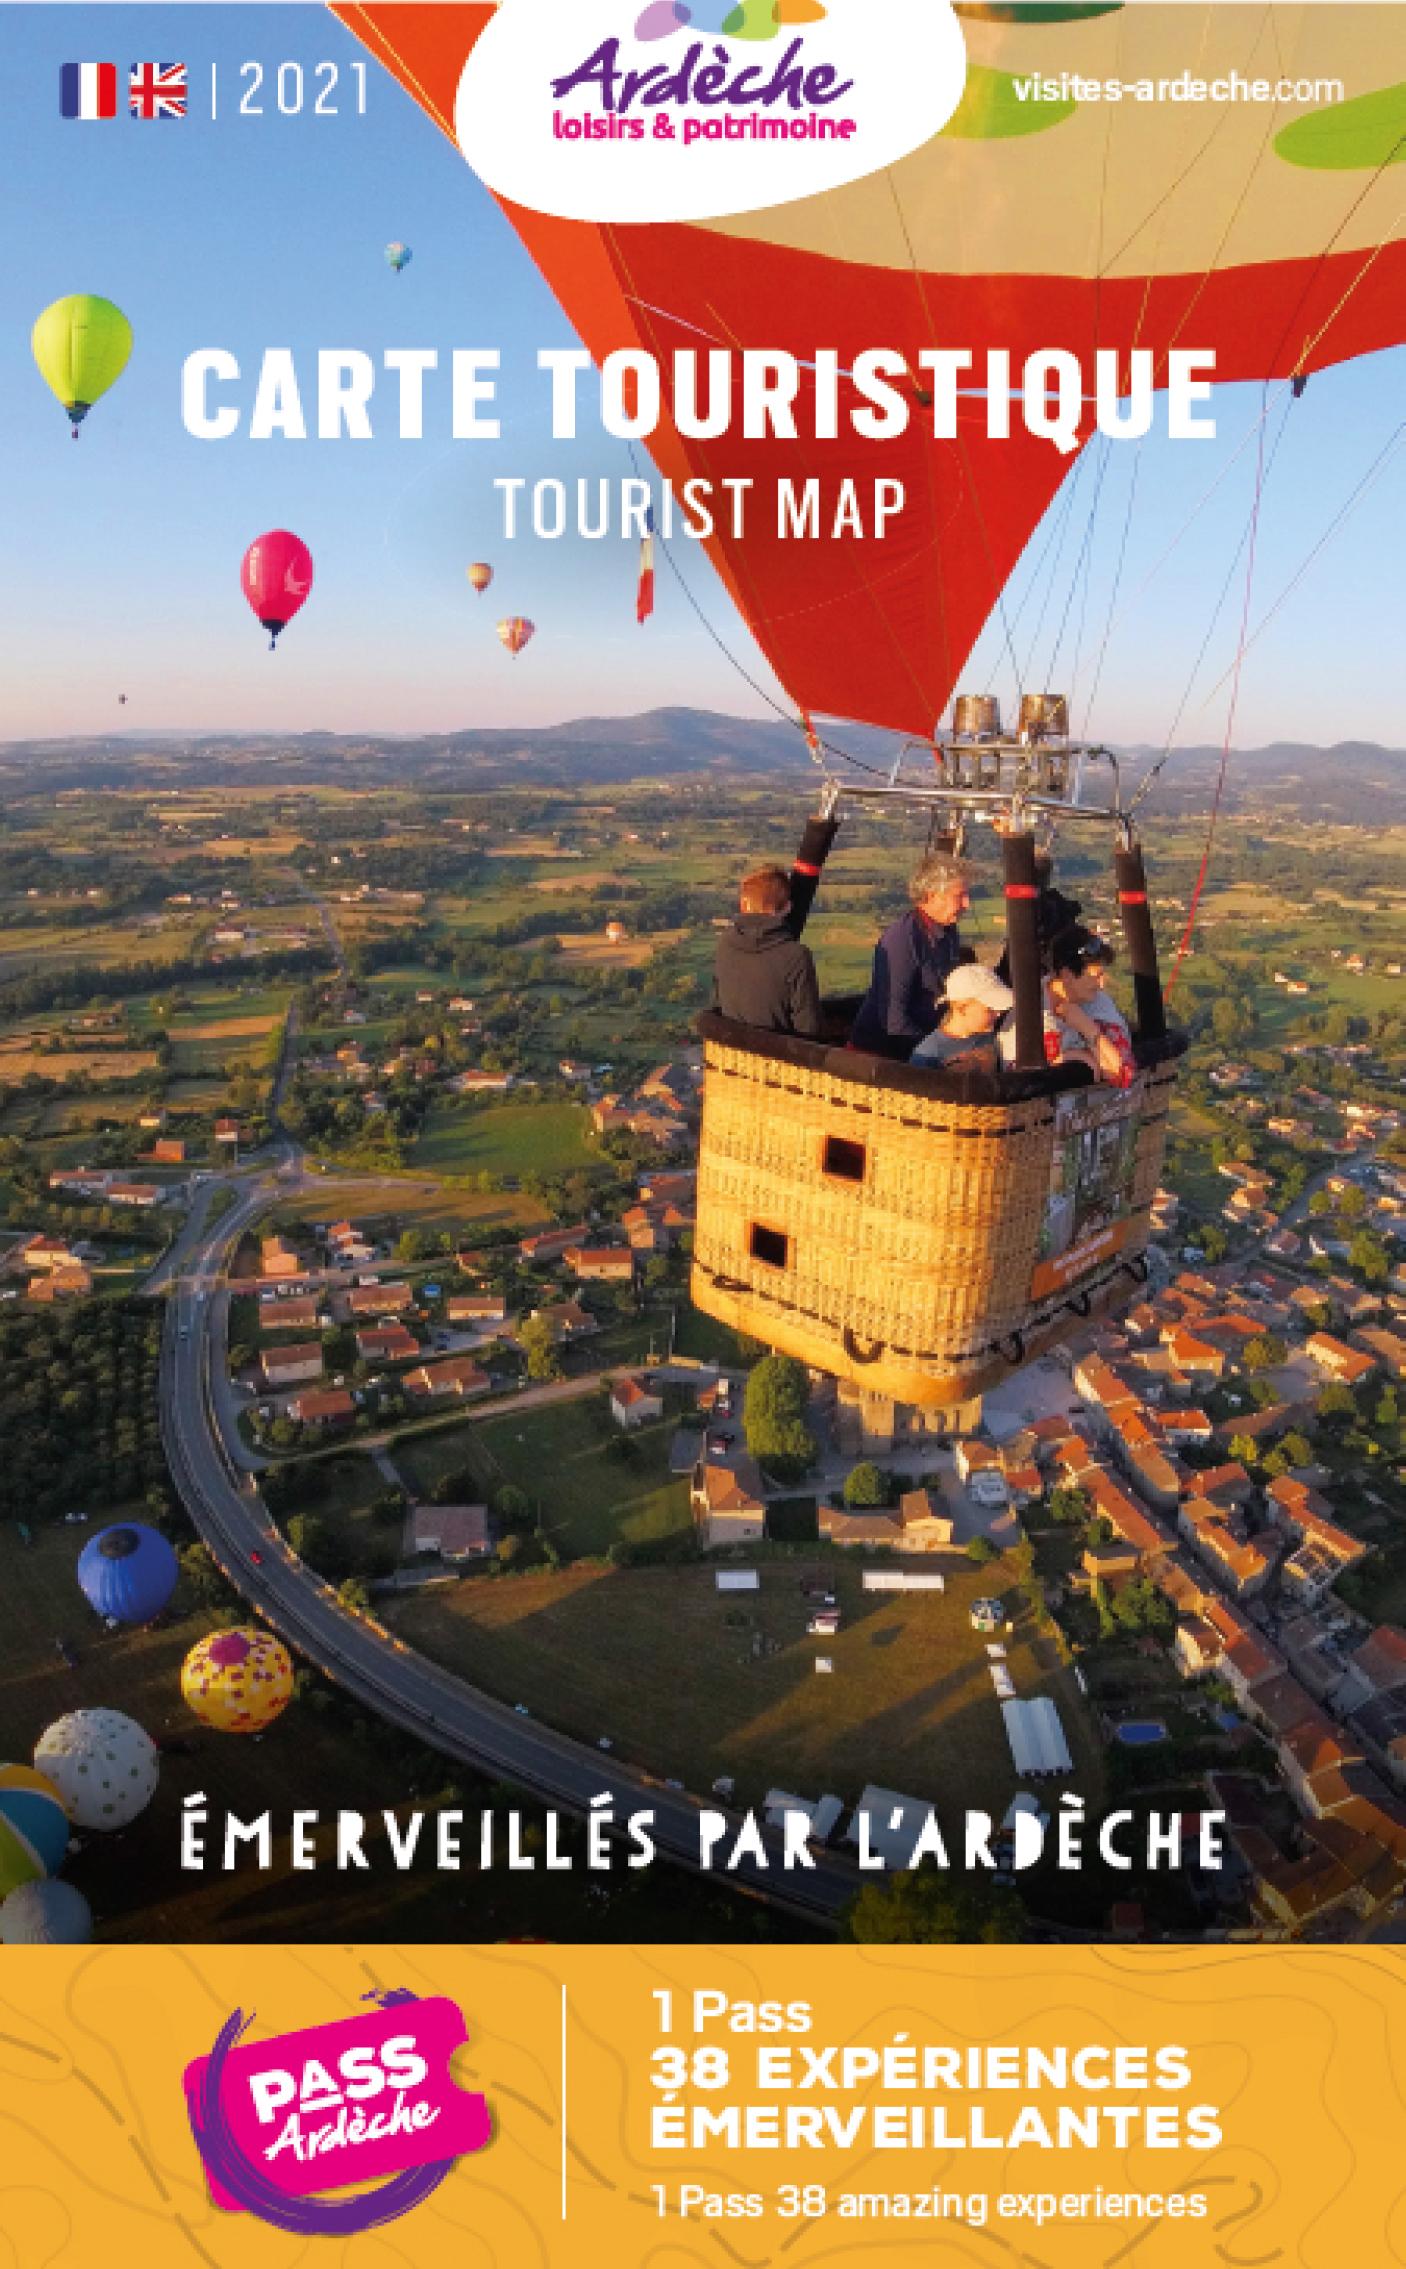 Carte touristique de l'Ardèche